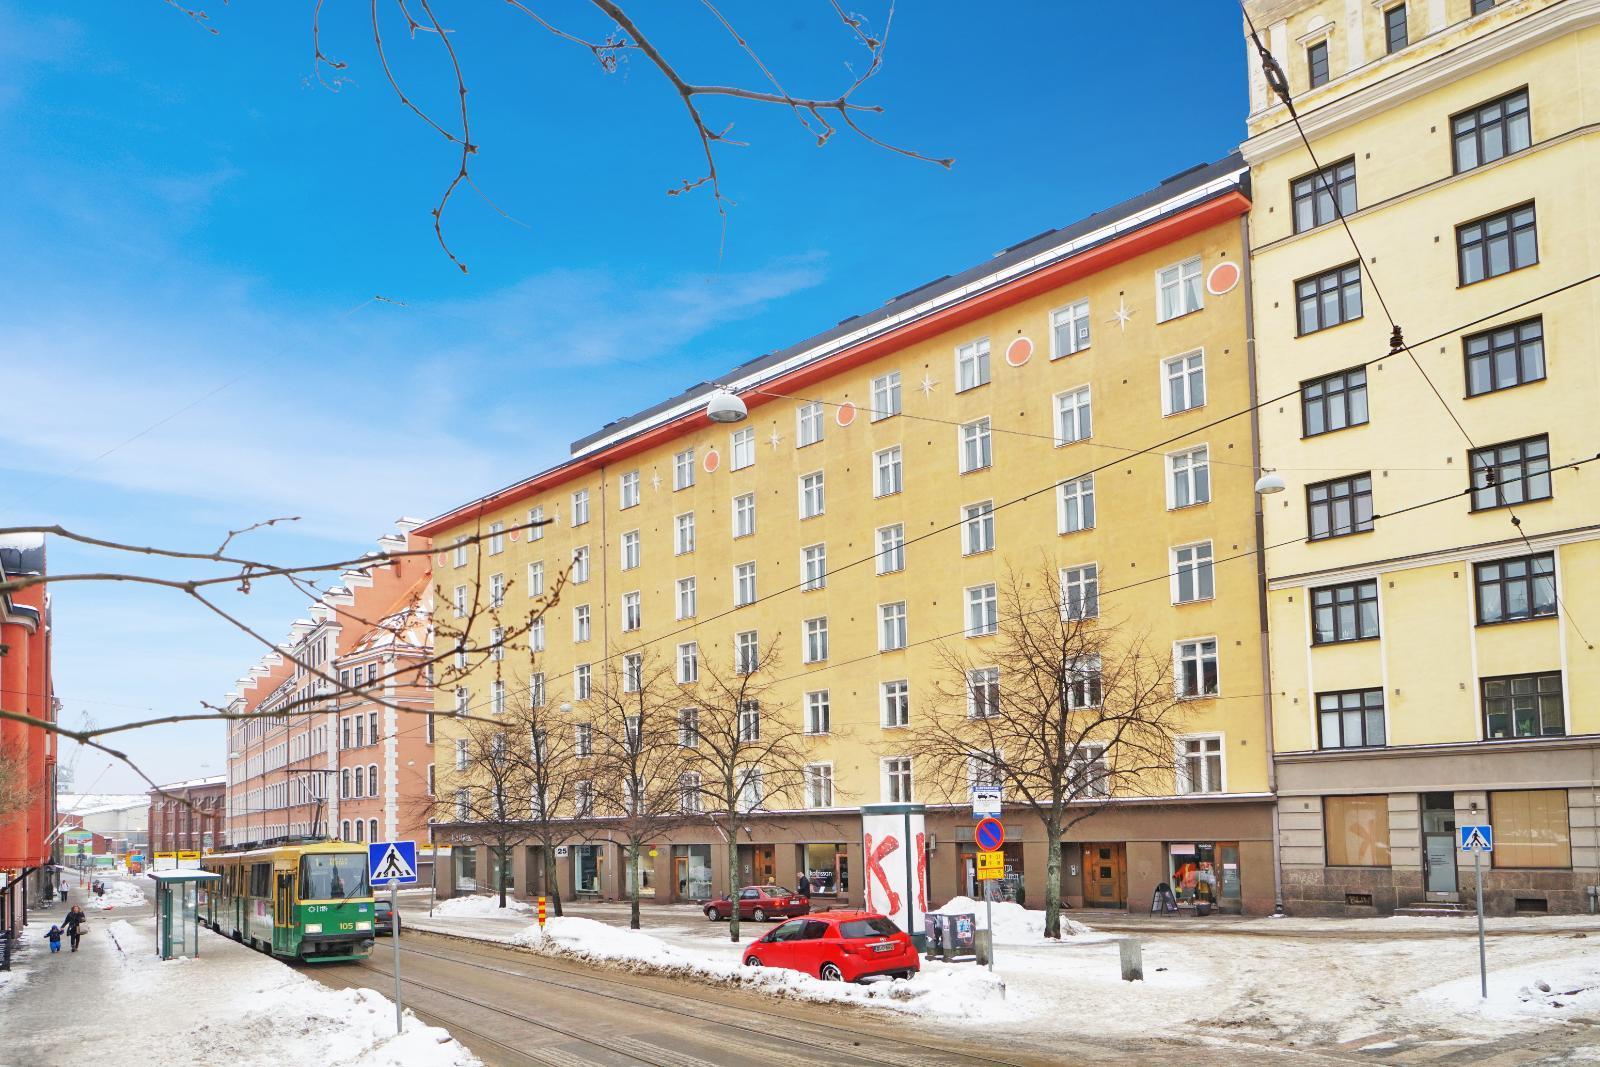 asuntokaupoilla helsingissä: punavuori kerrostalo